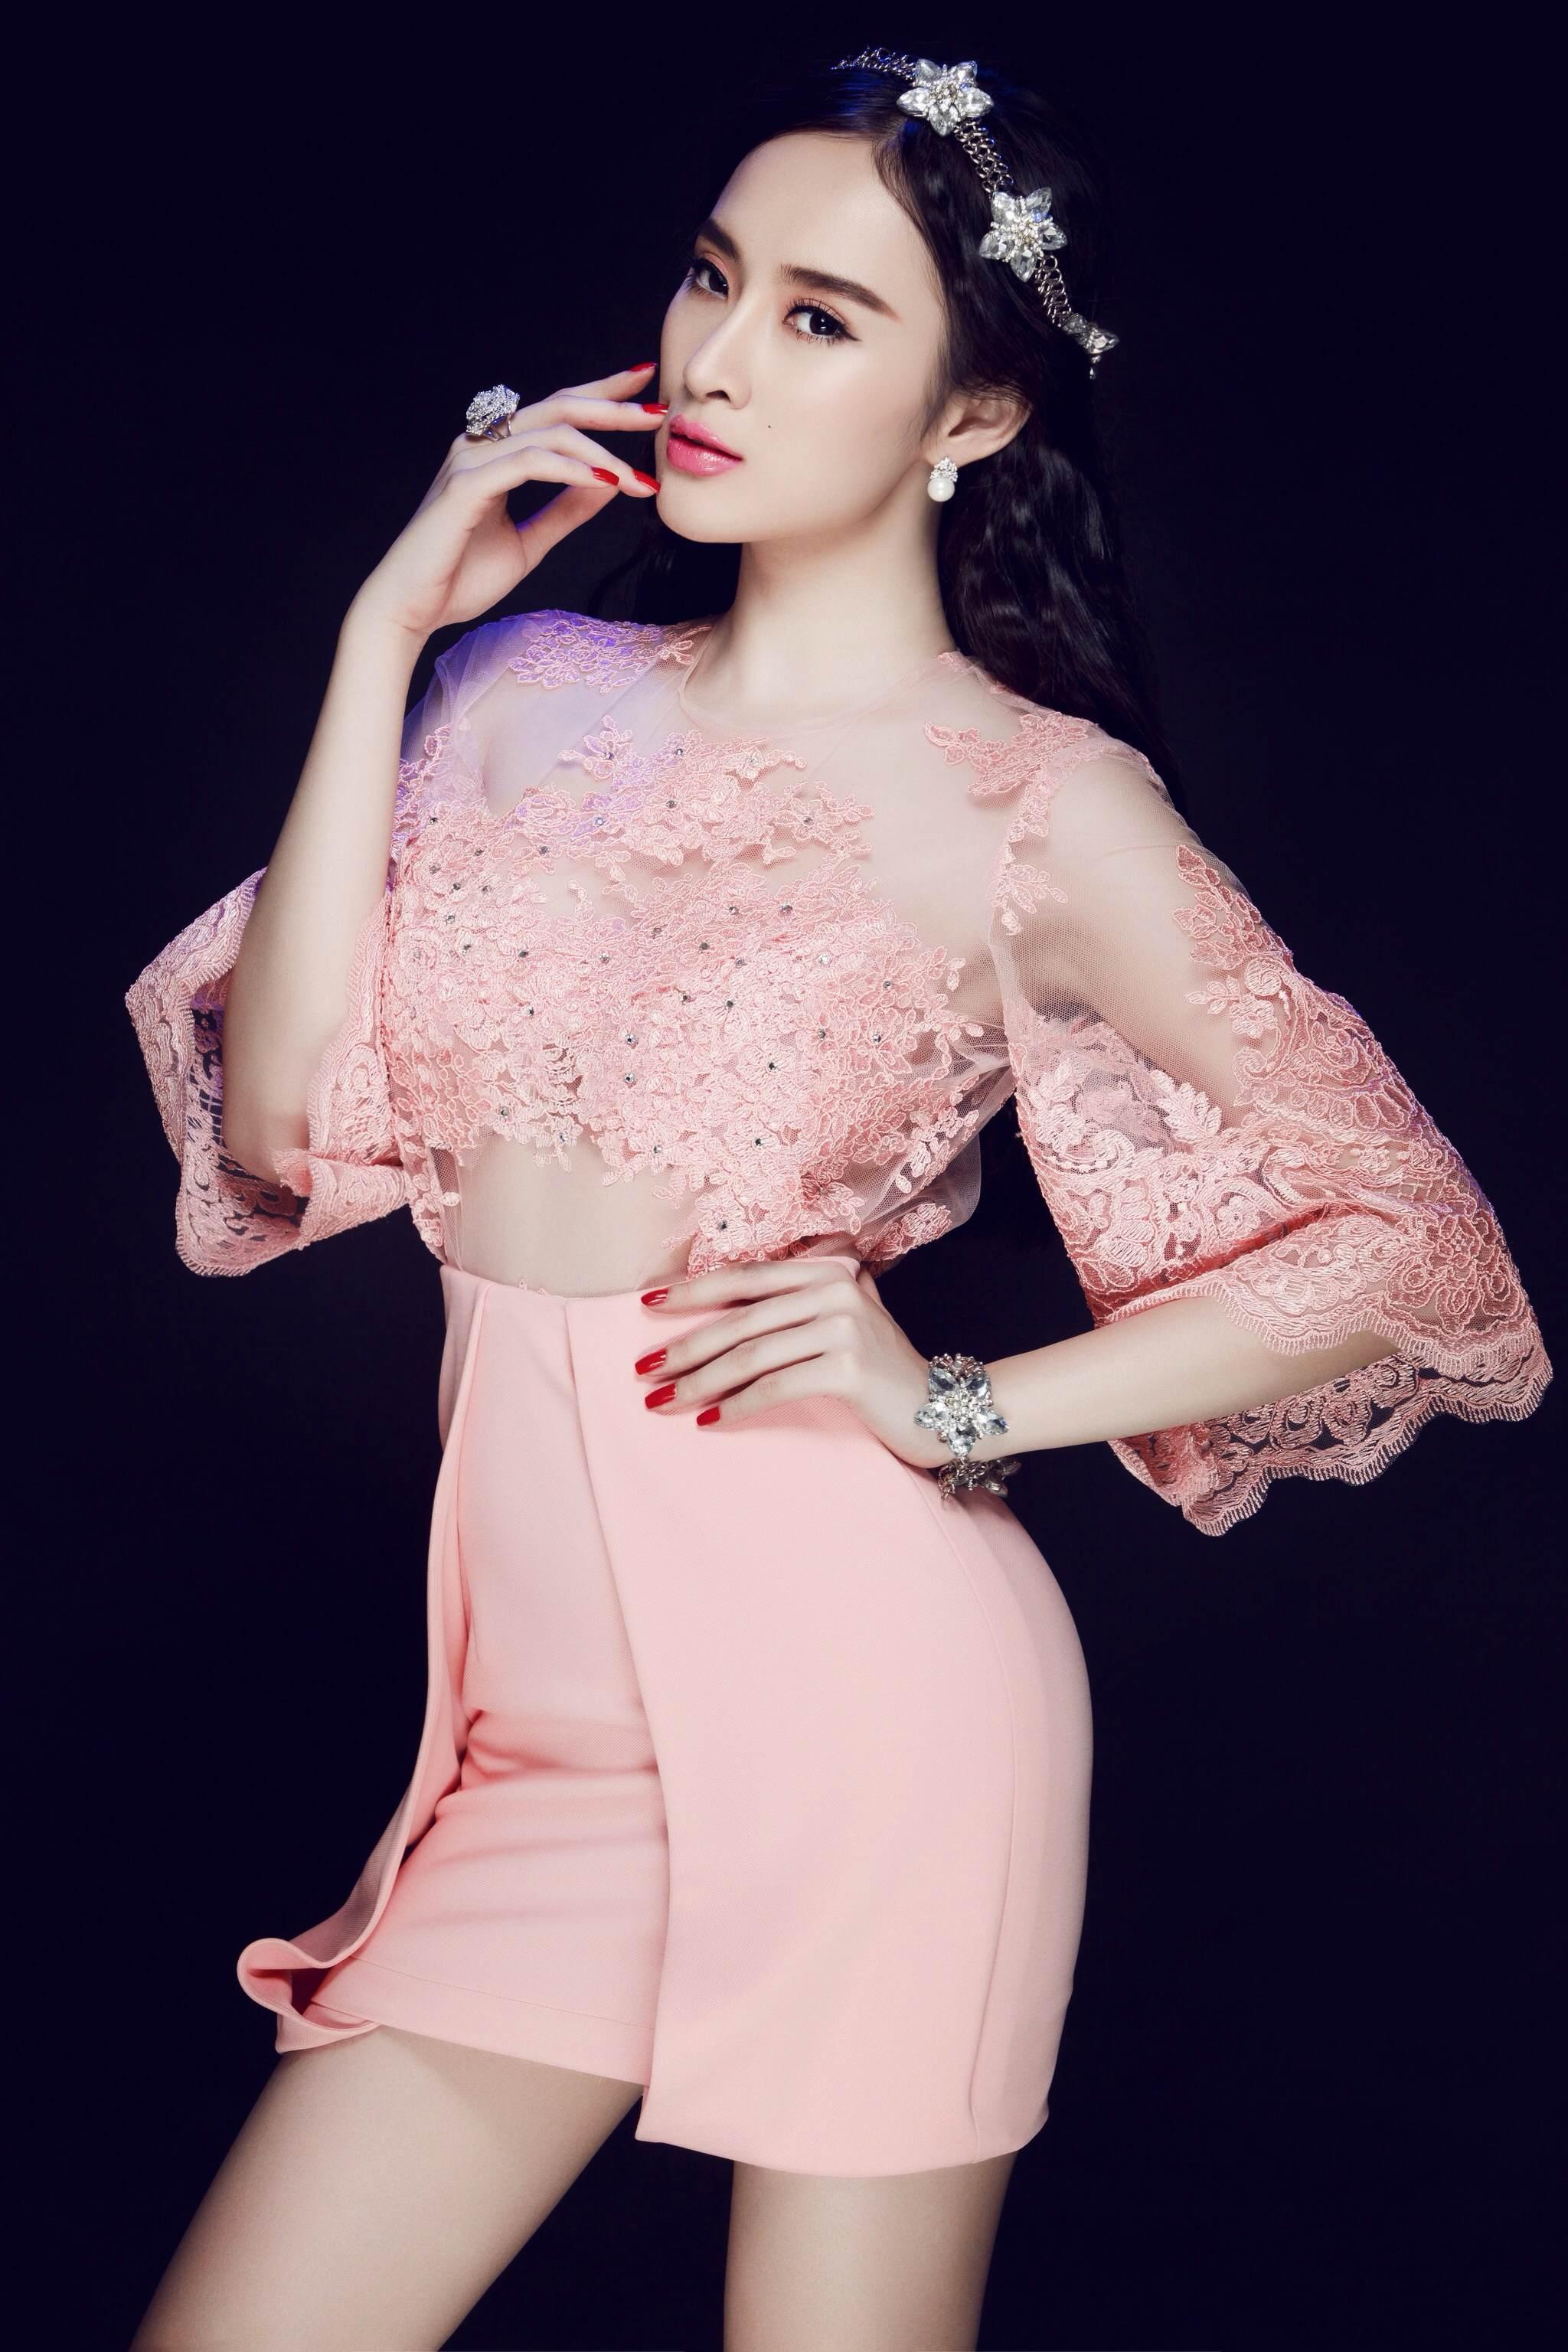 """Tuy nhiên, sau một thời gian bị cấm diễn do hở bạo trong quán bar, Angela Phương Trinh đã trở nên """"ngoan hiền"""" hơn, các trang phục của người đẹp diện khá kín đáo nhưng trong kém phần quyến rũ, trẻ trung và hợp tuổi."""